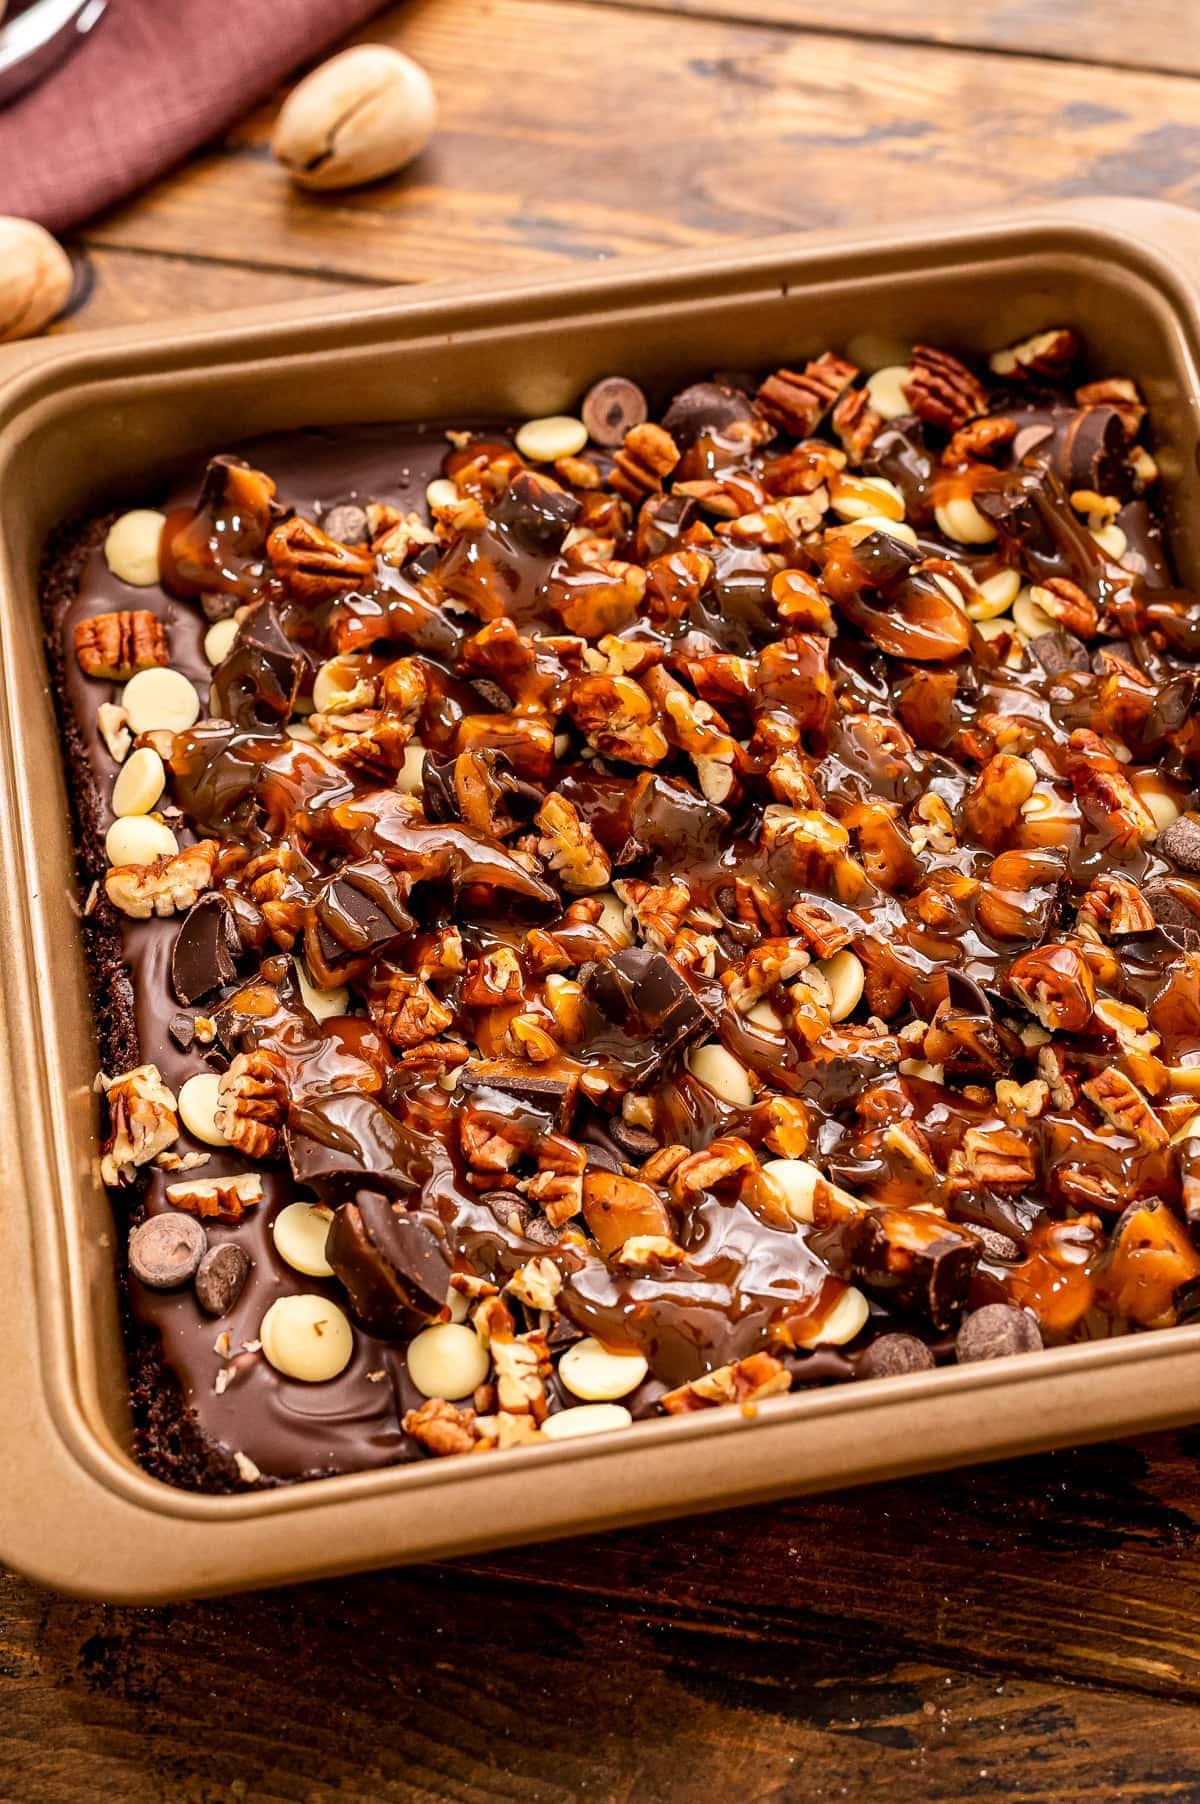 Pan with prepared Turtle Brownies